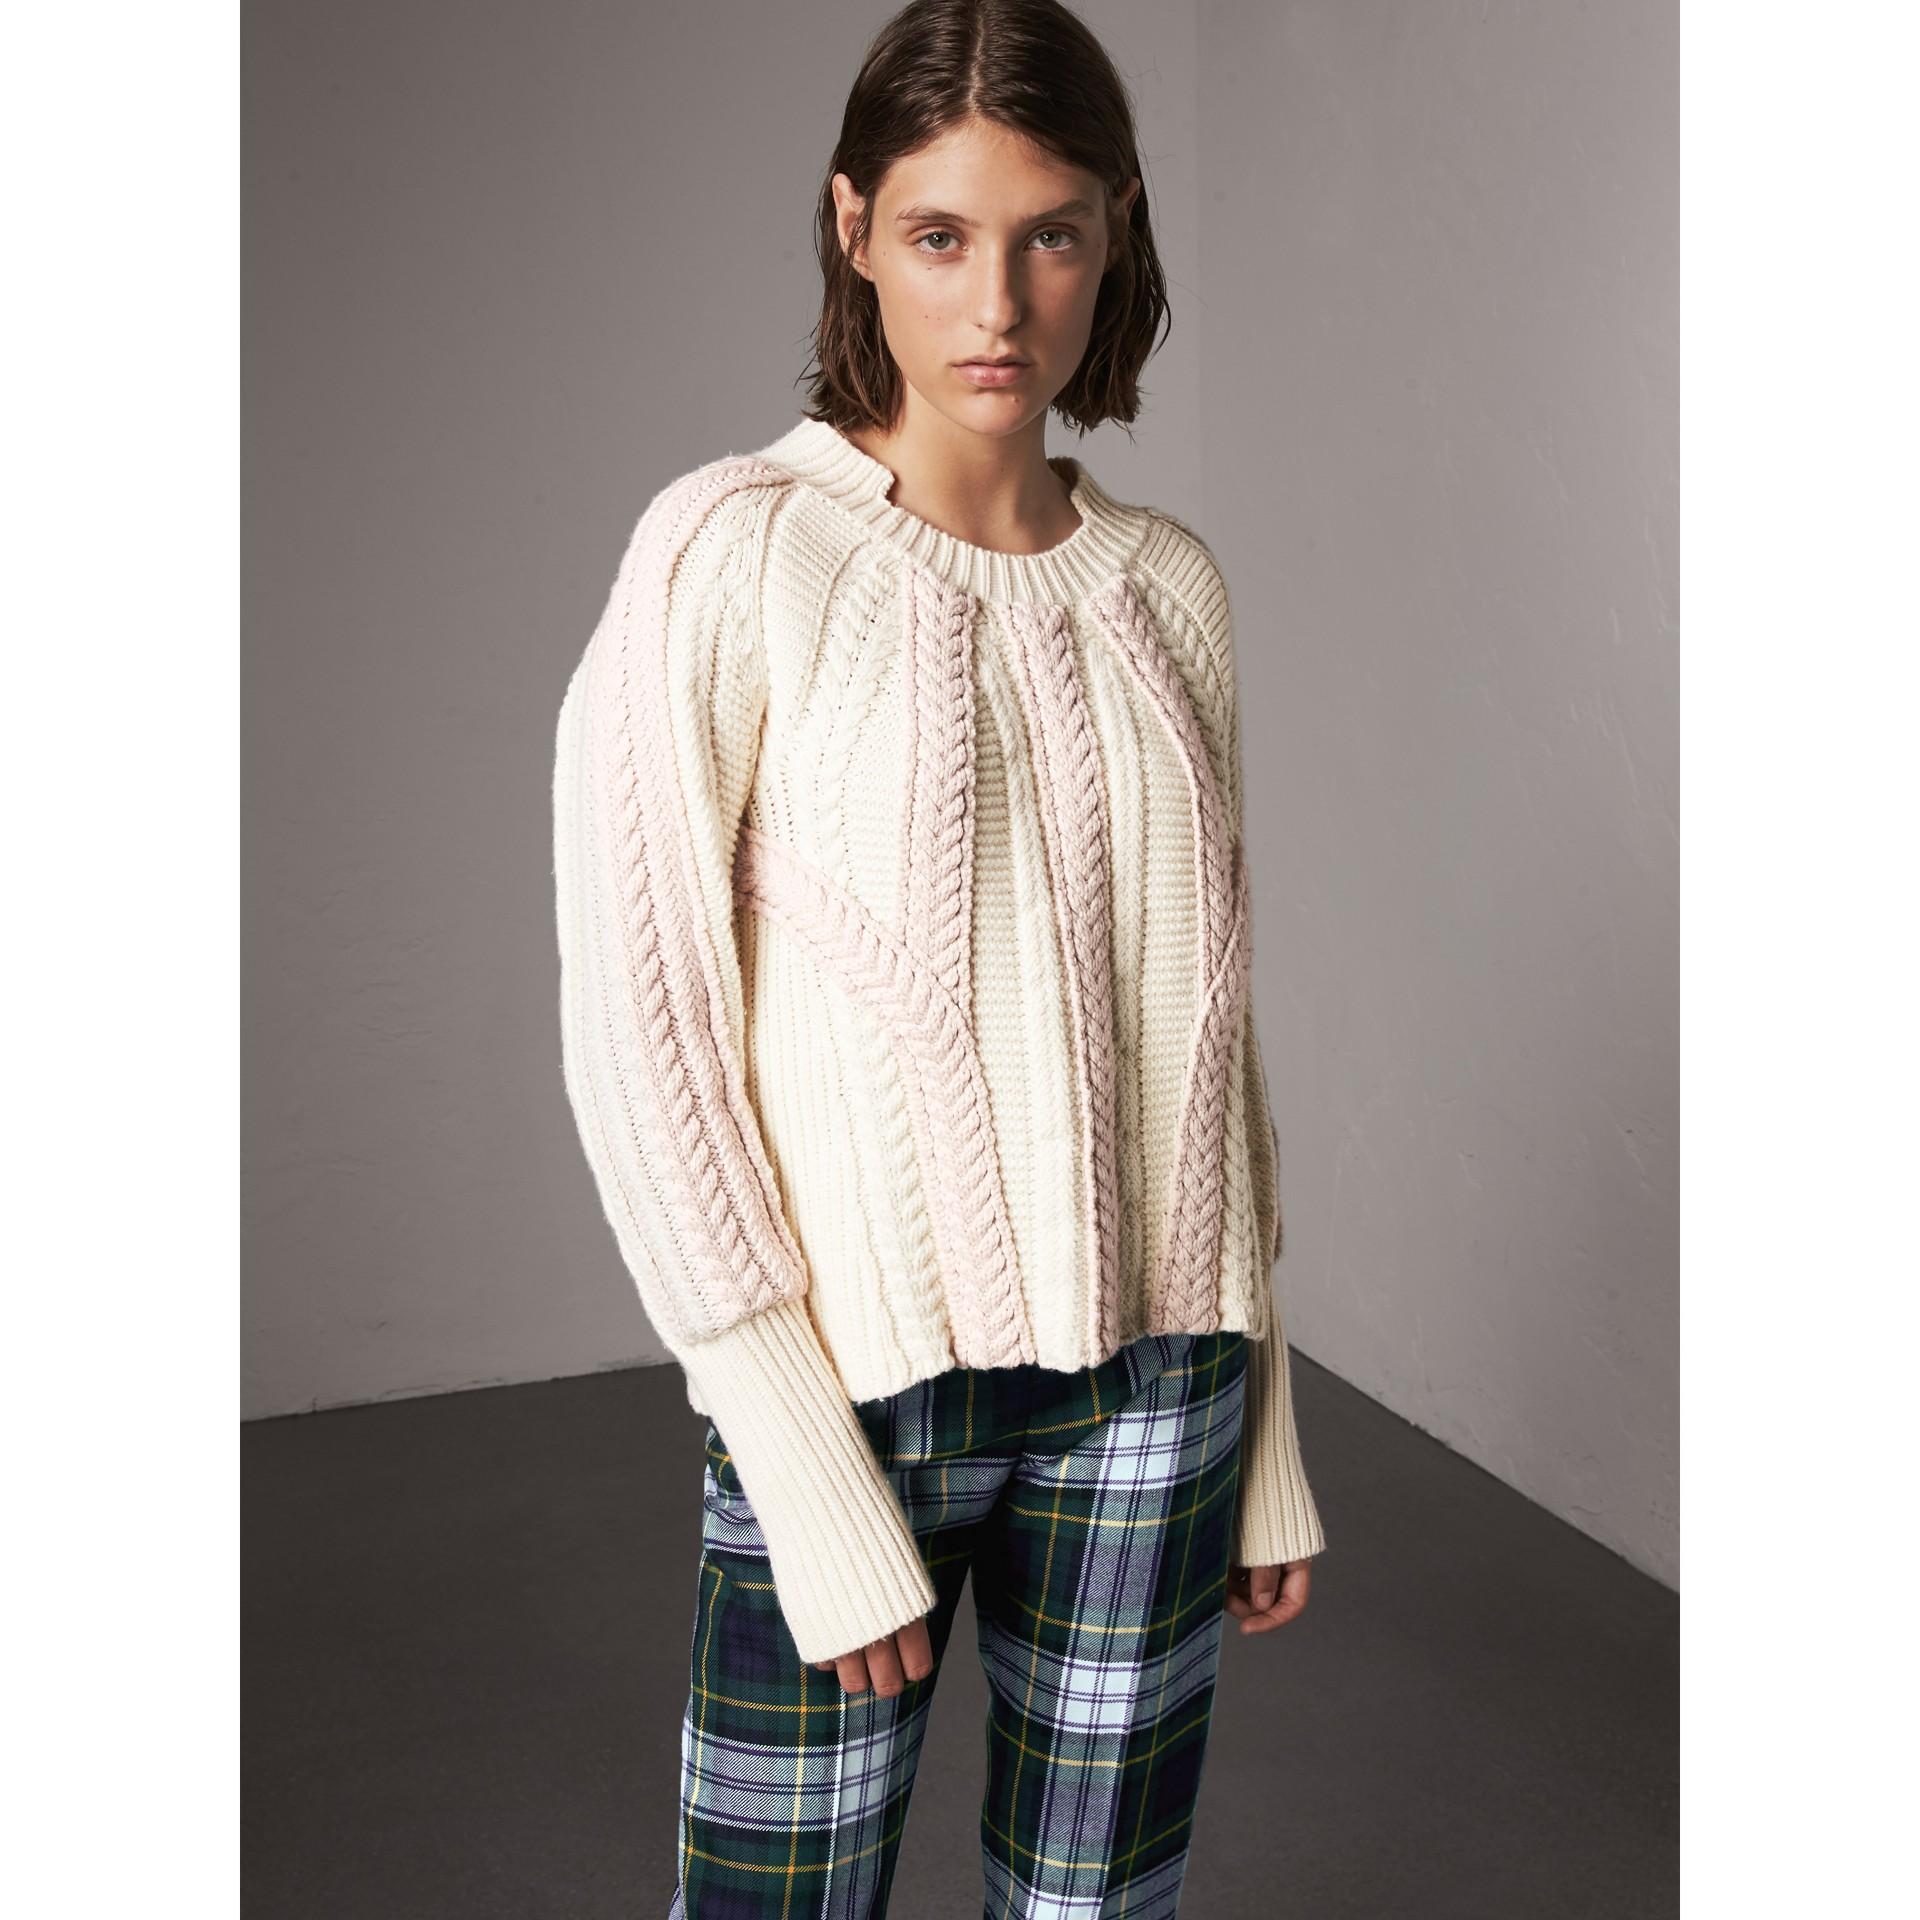 Pull bicolore en maille de laine et cachemire torsadée (Blanc Naturel) - Femme | Burberry - photo de la galerie 5